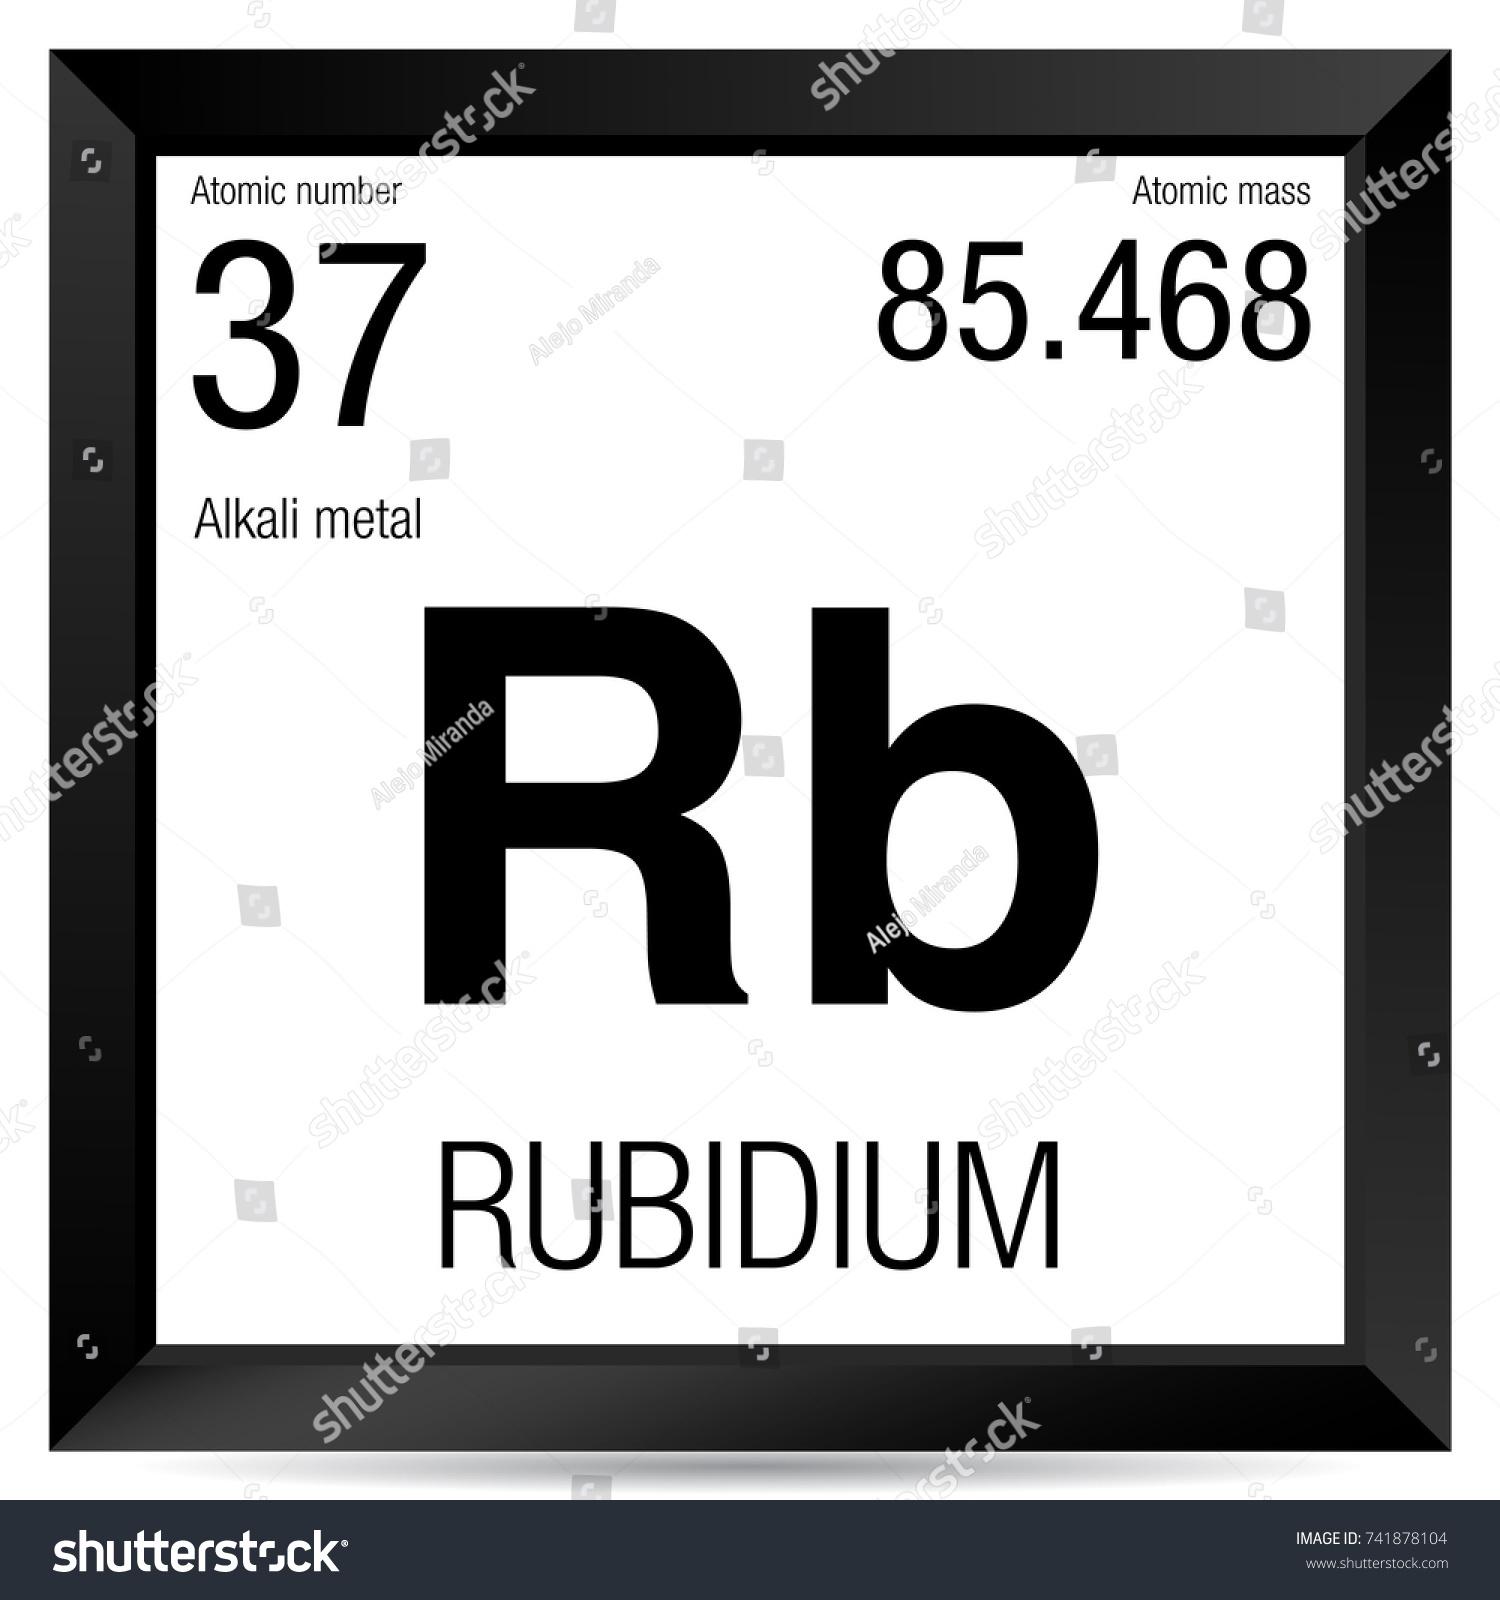 Rubidium symbol element number 37 periodic stock vector 741878104 rubidium symbol element number 37 of the periodic table of the elements chemistry buycottarizona Choice Image